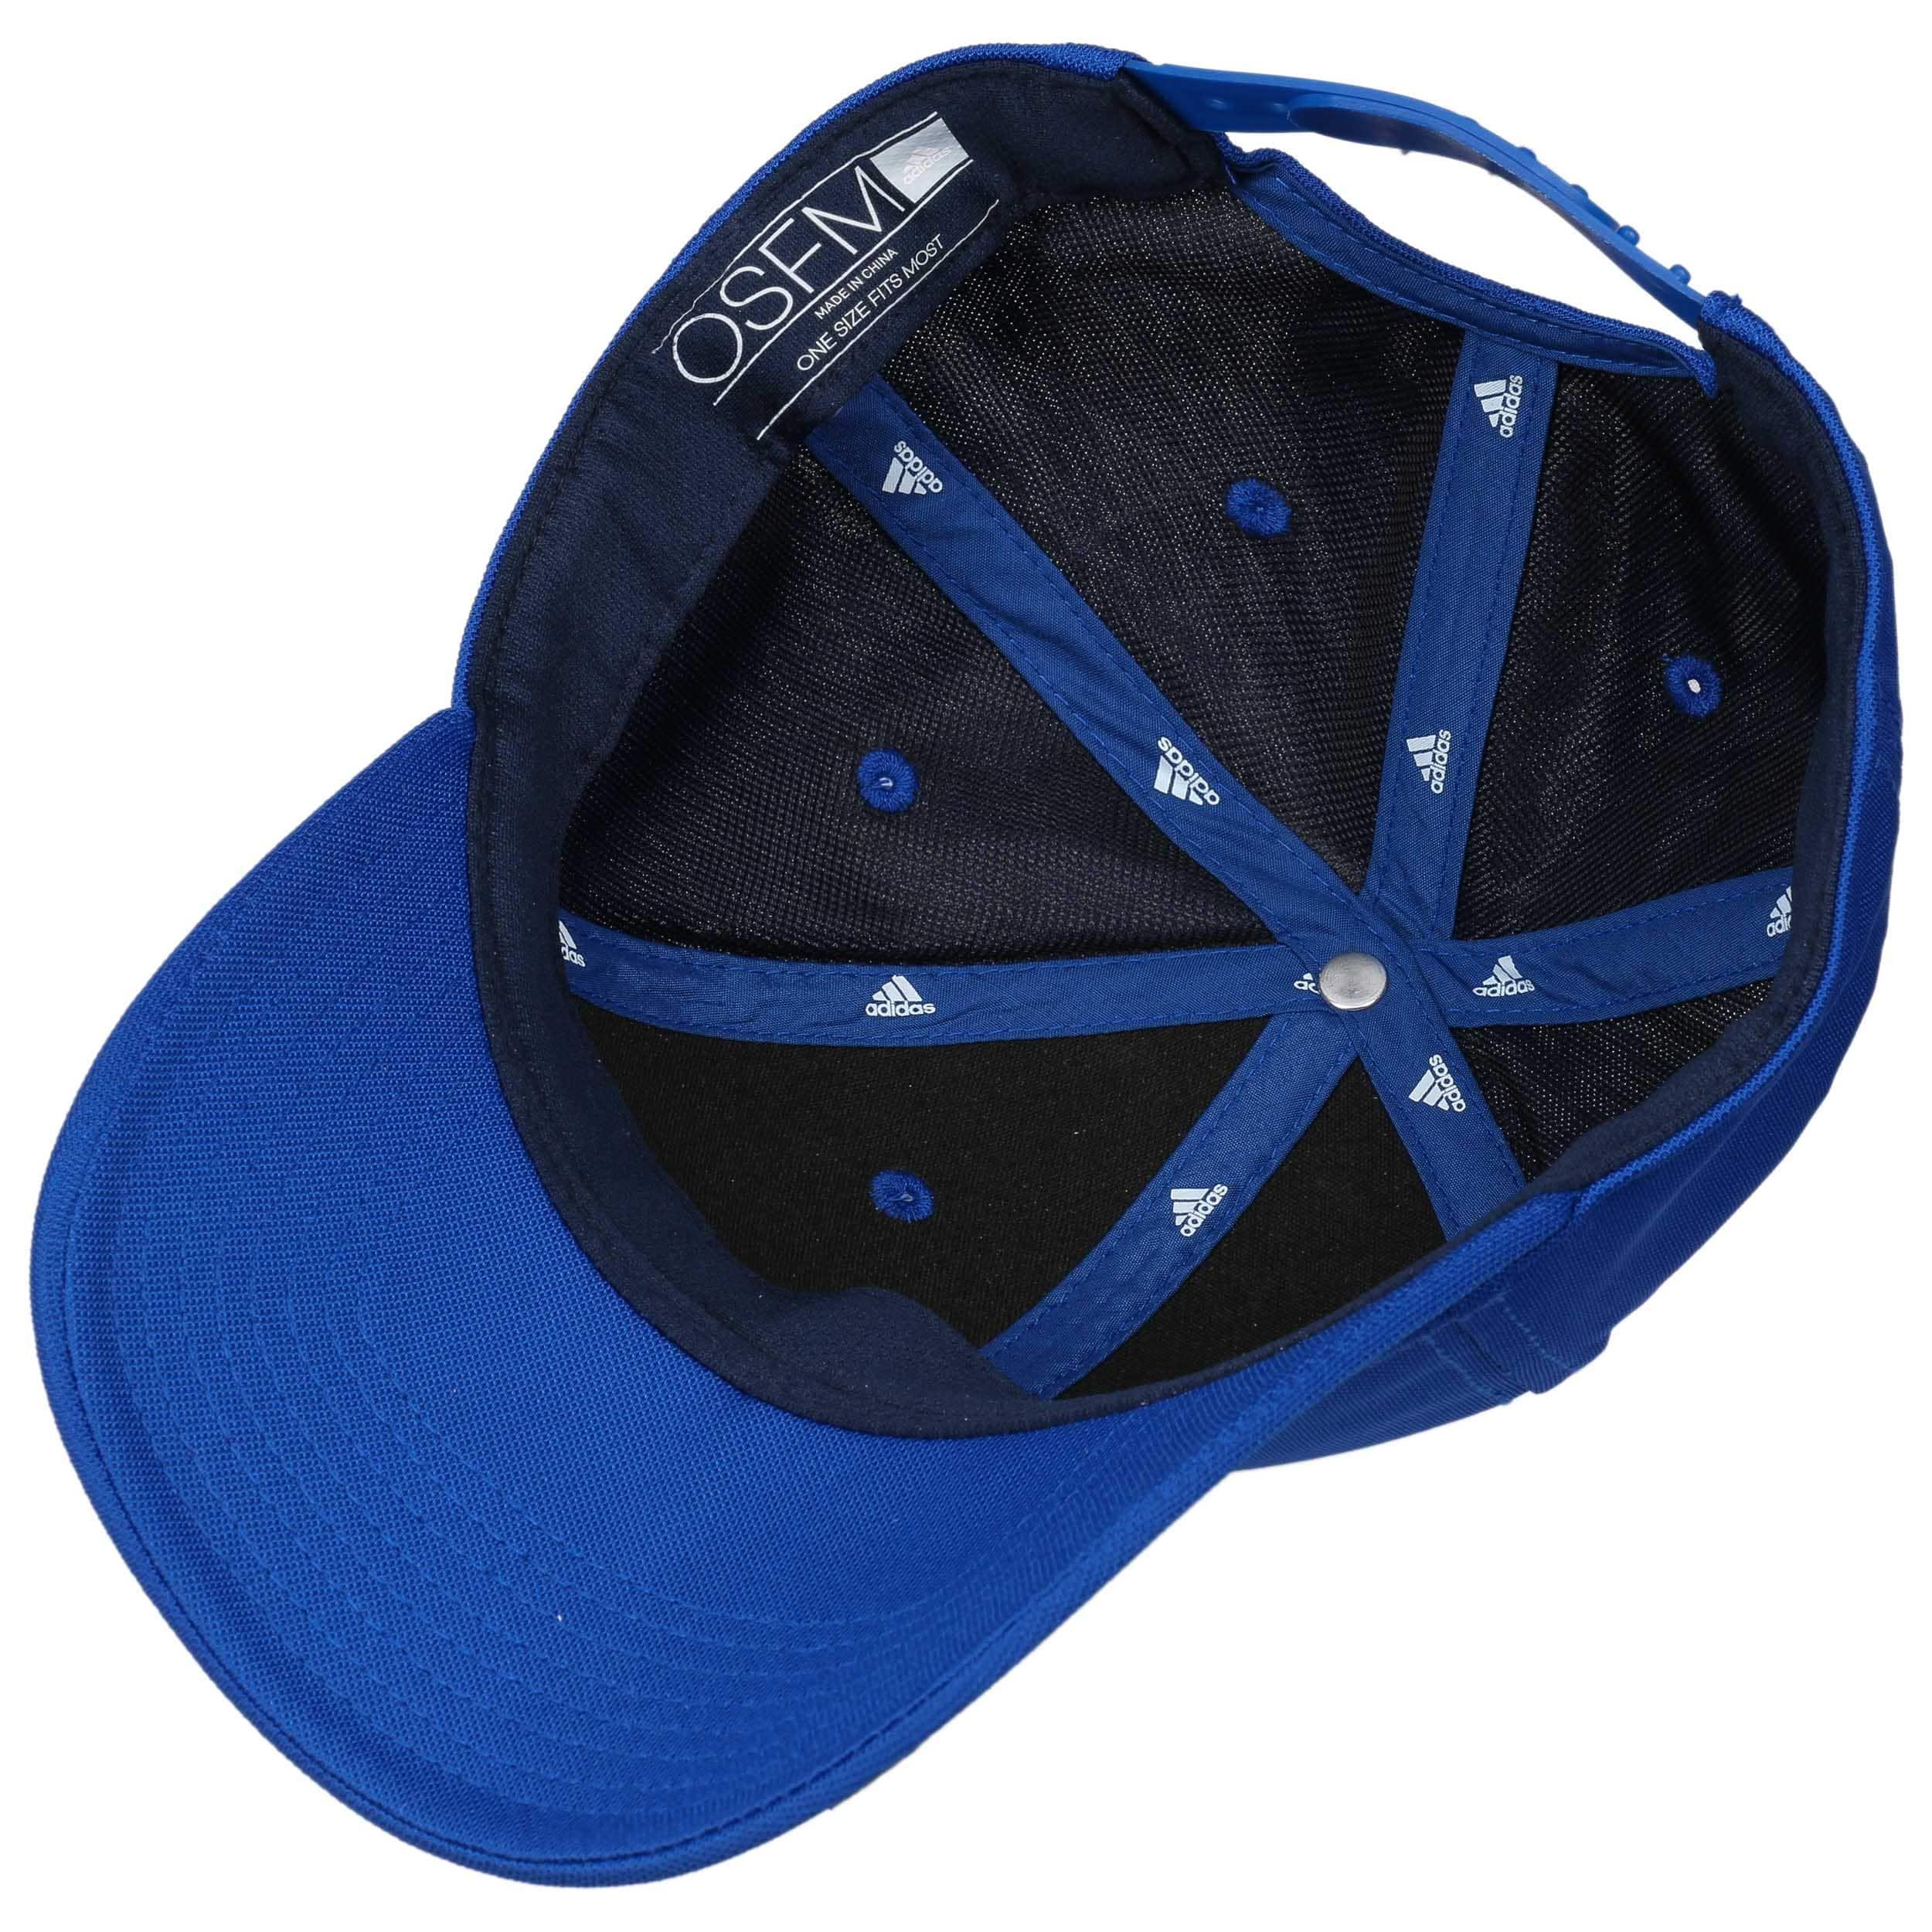 gorra adidas azul y blanca 60af39cefb9